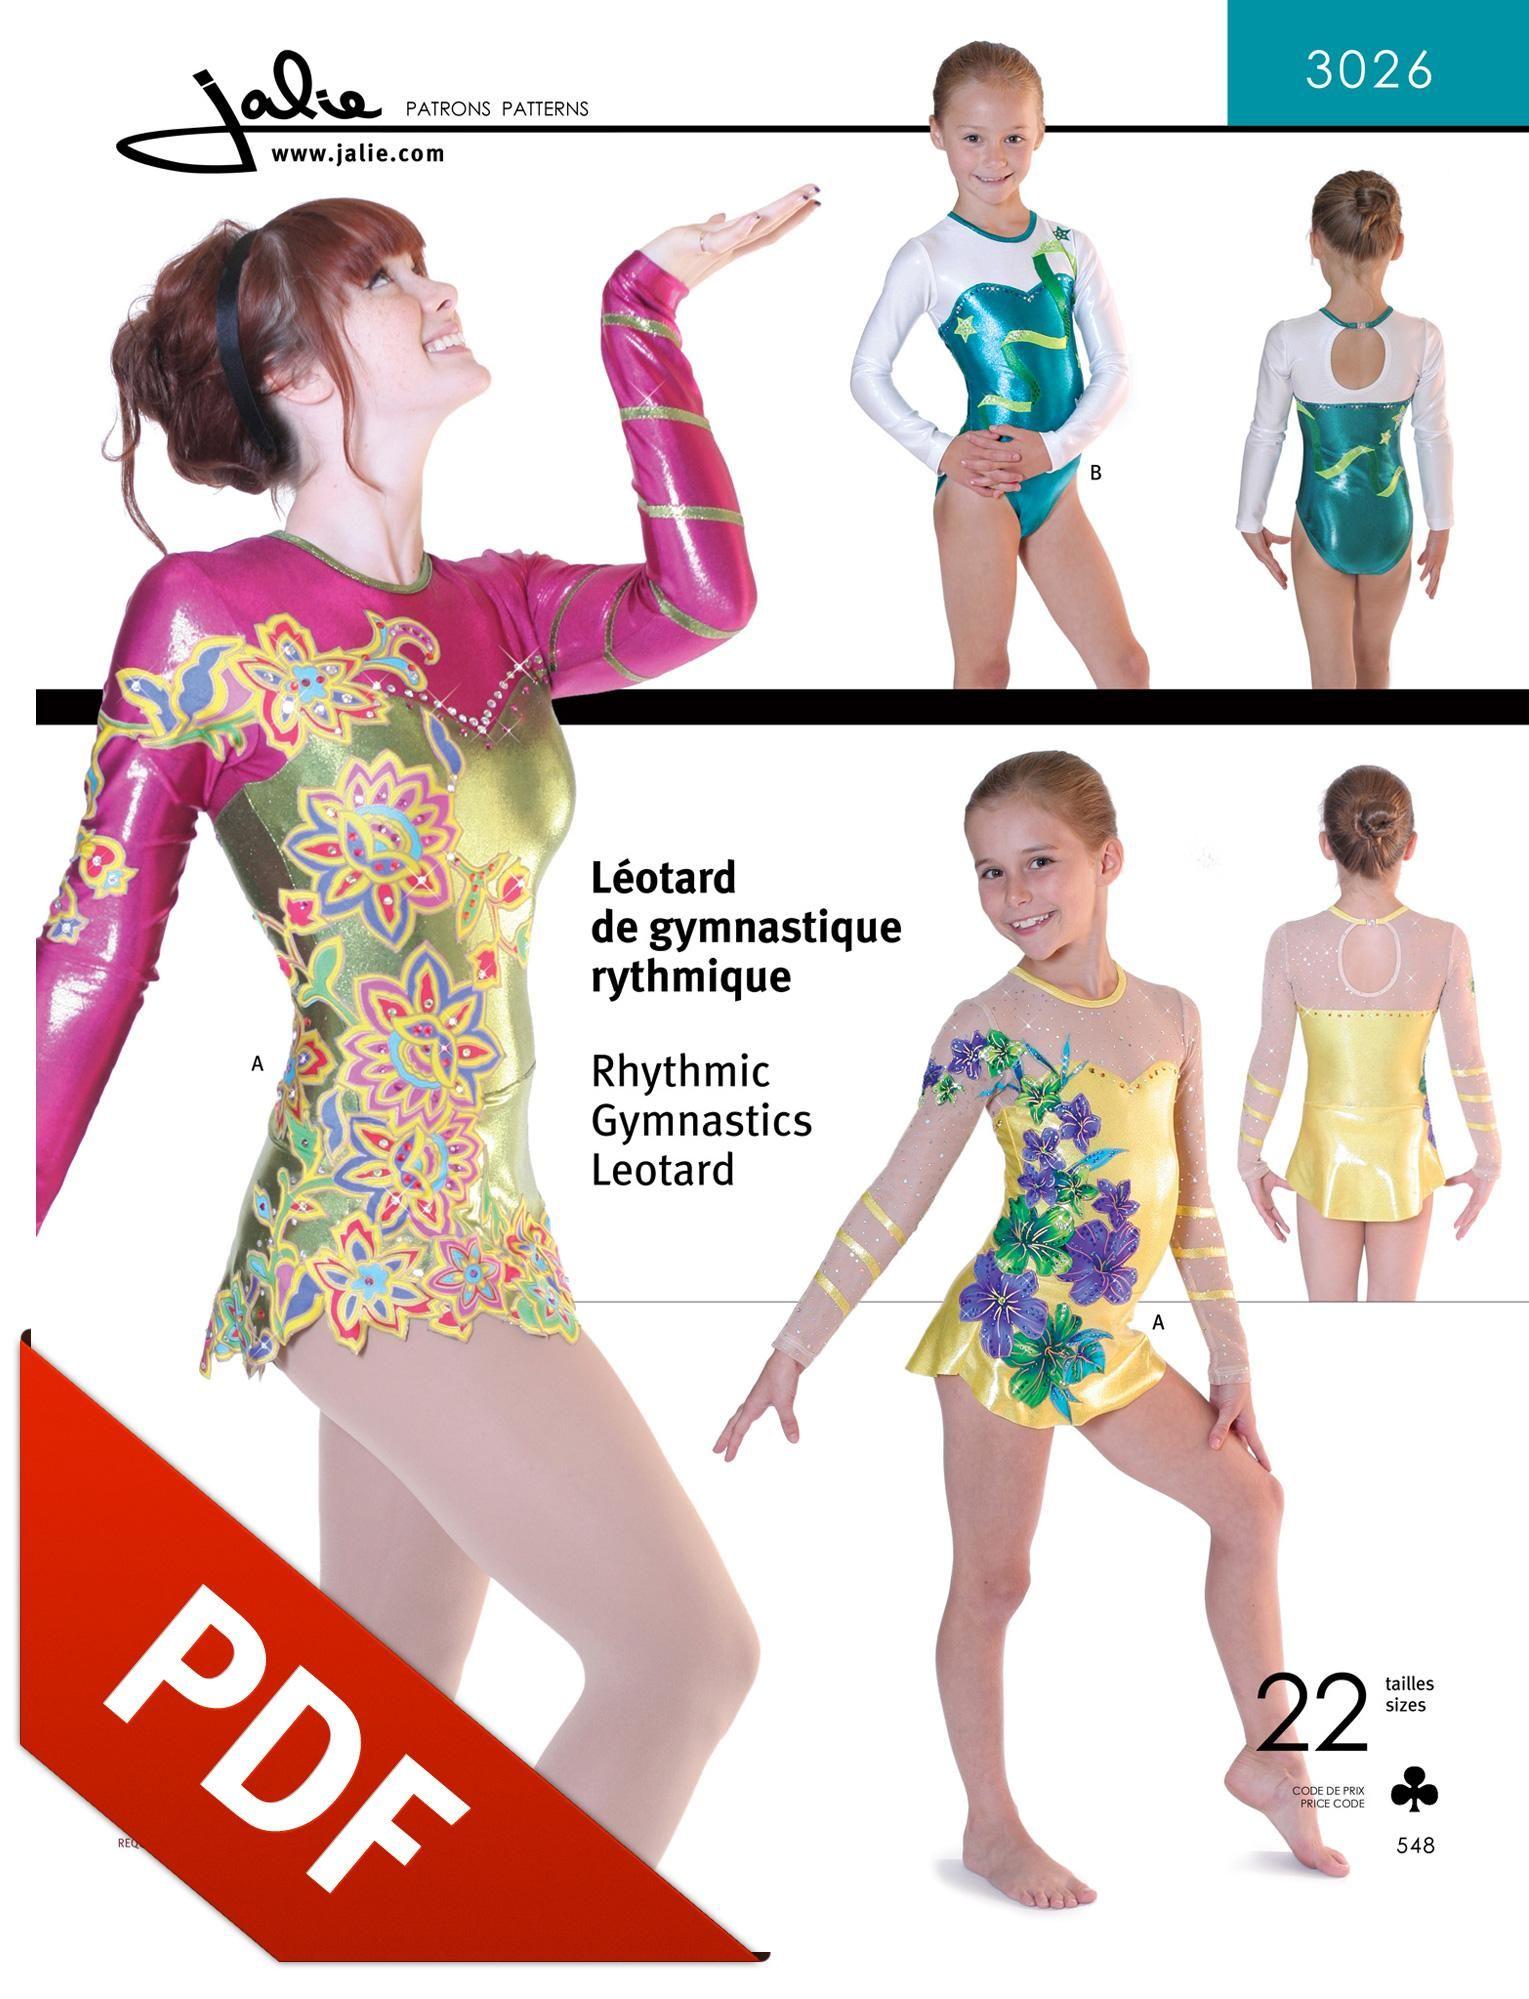 3026 - Rhythmic Gymnastics Leotards in PDF format | PDF Patterns ...